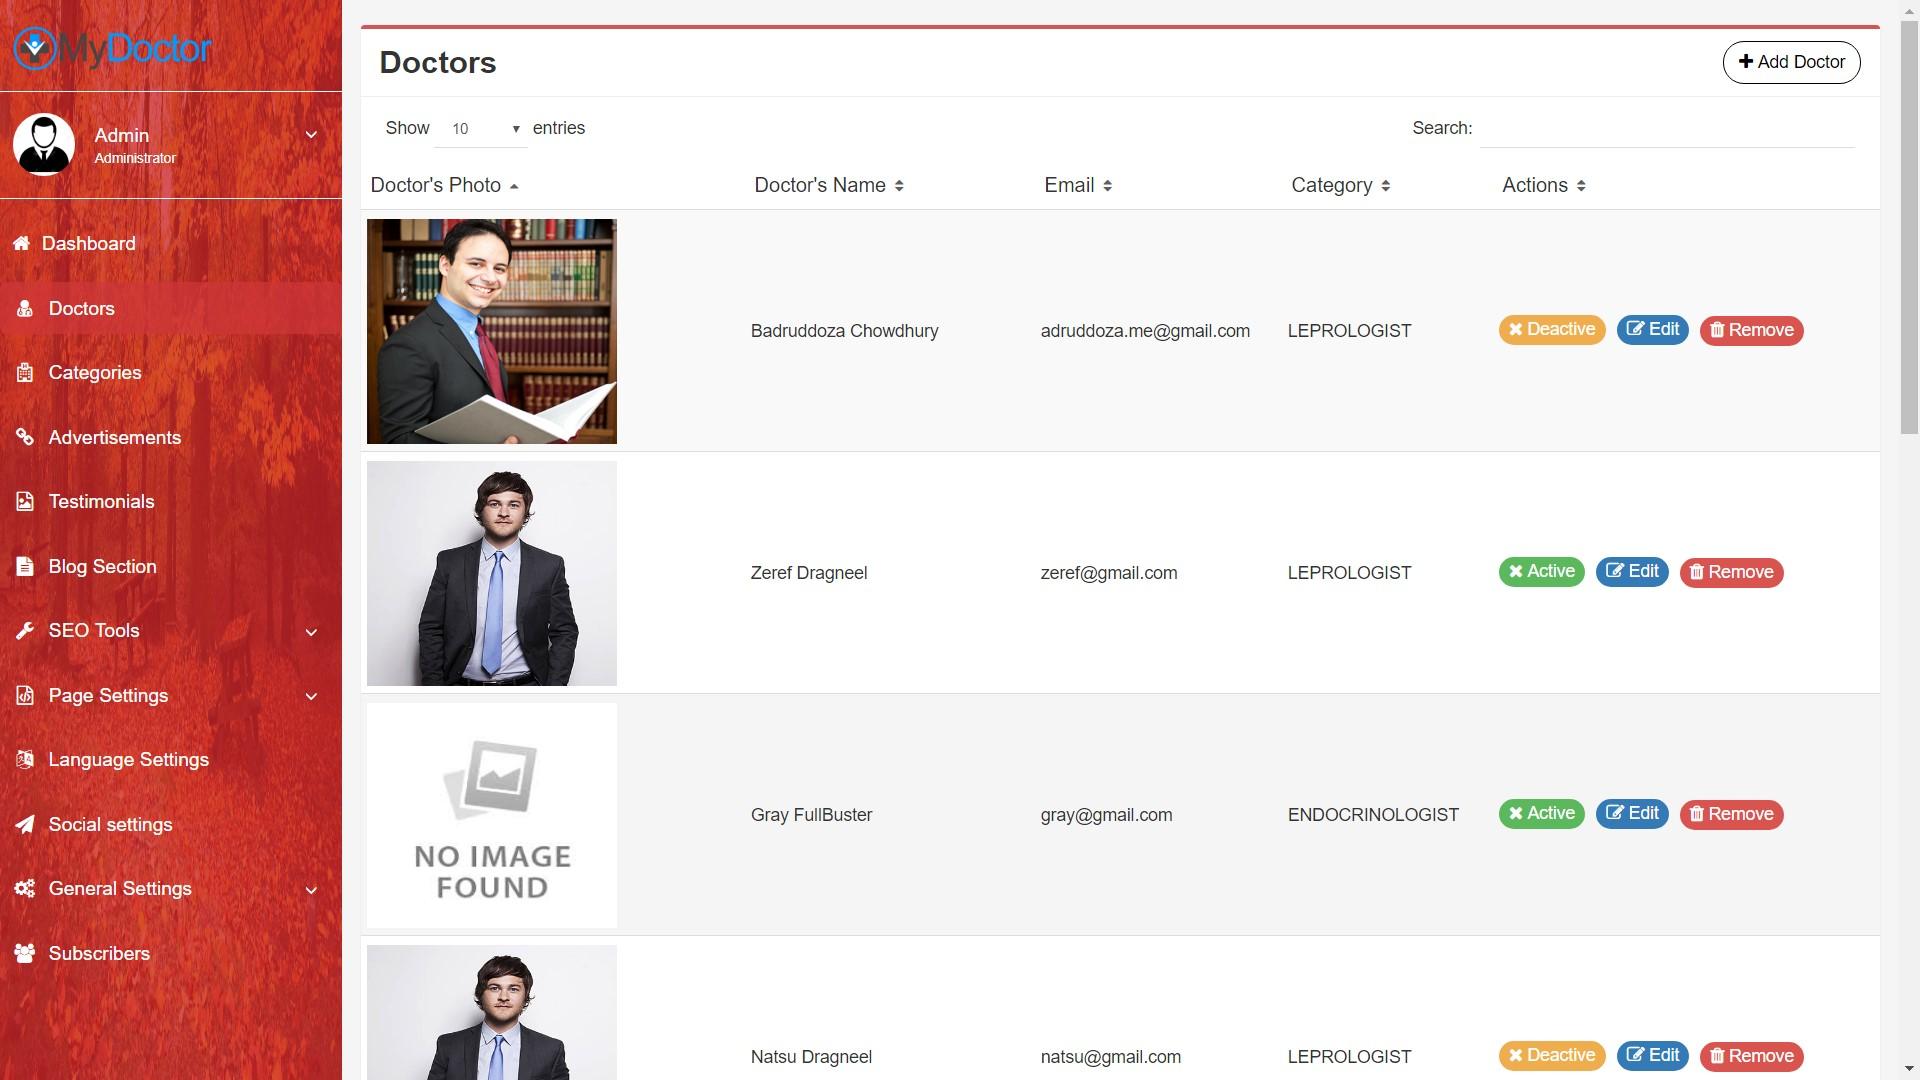 Sistema Advogado - Escritório Advogacia - MyLawyer - Script de sistema de diretório de advogado dinâmico